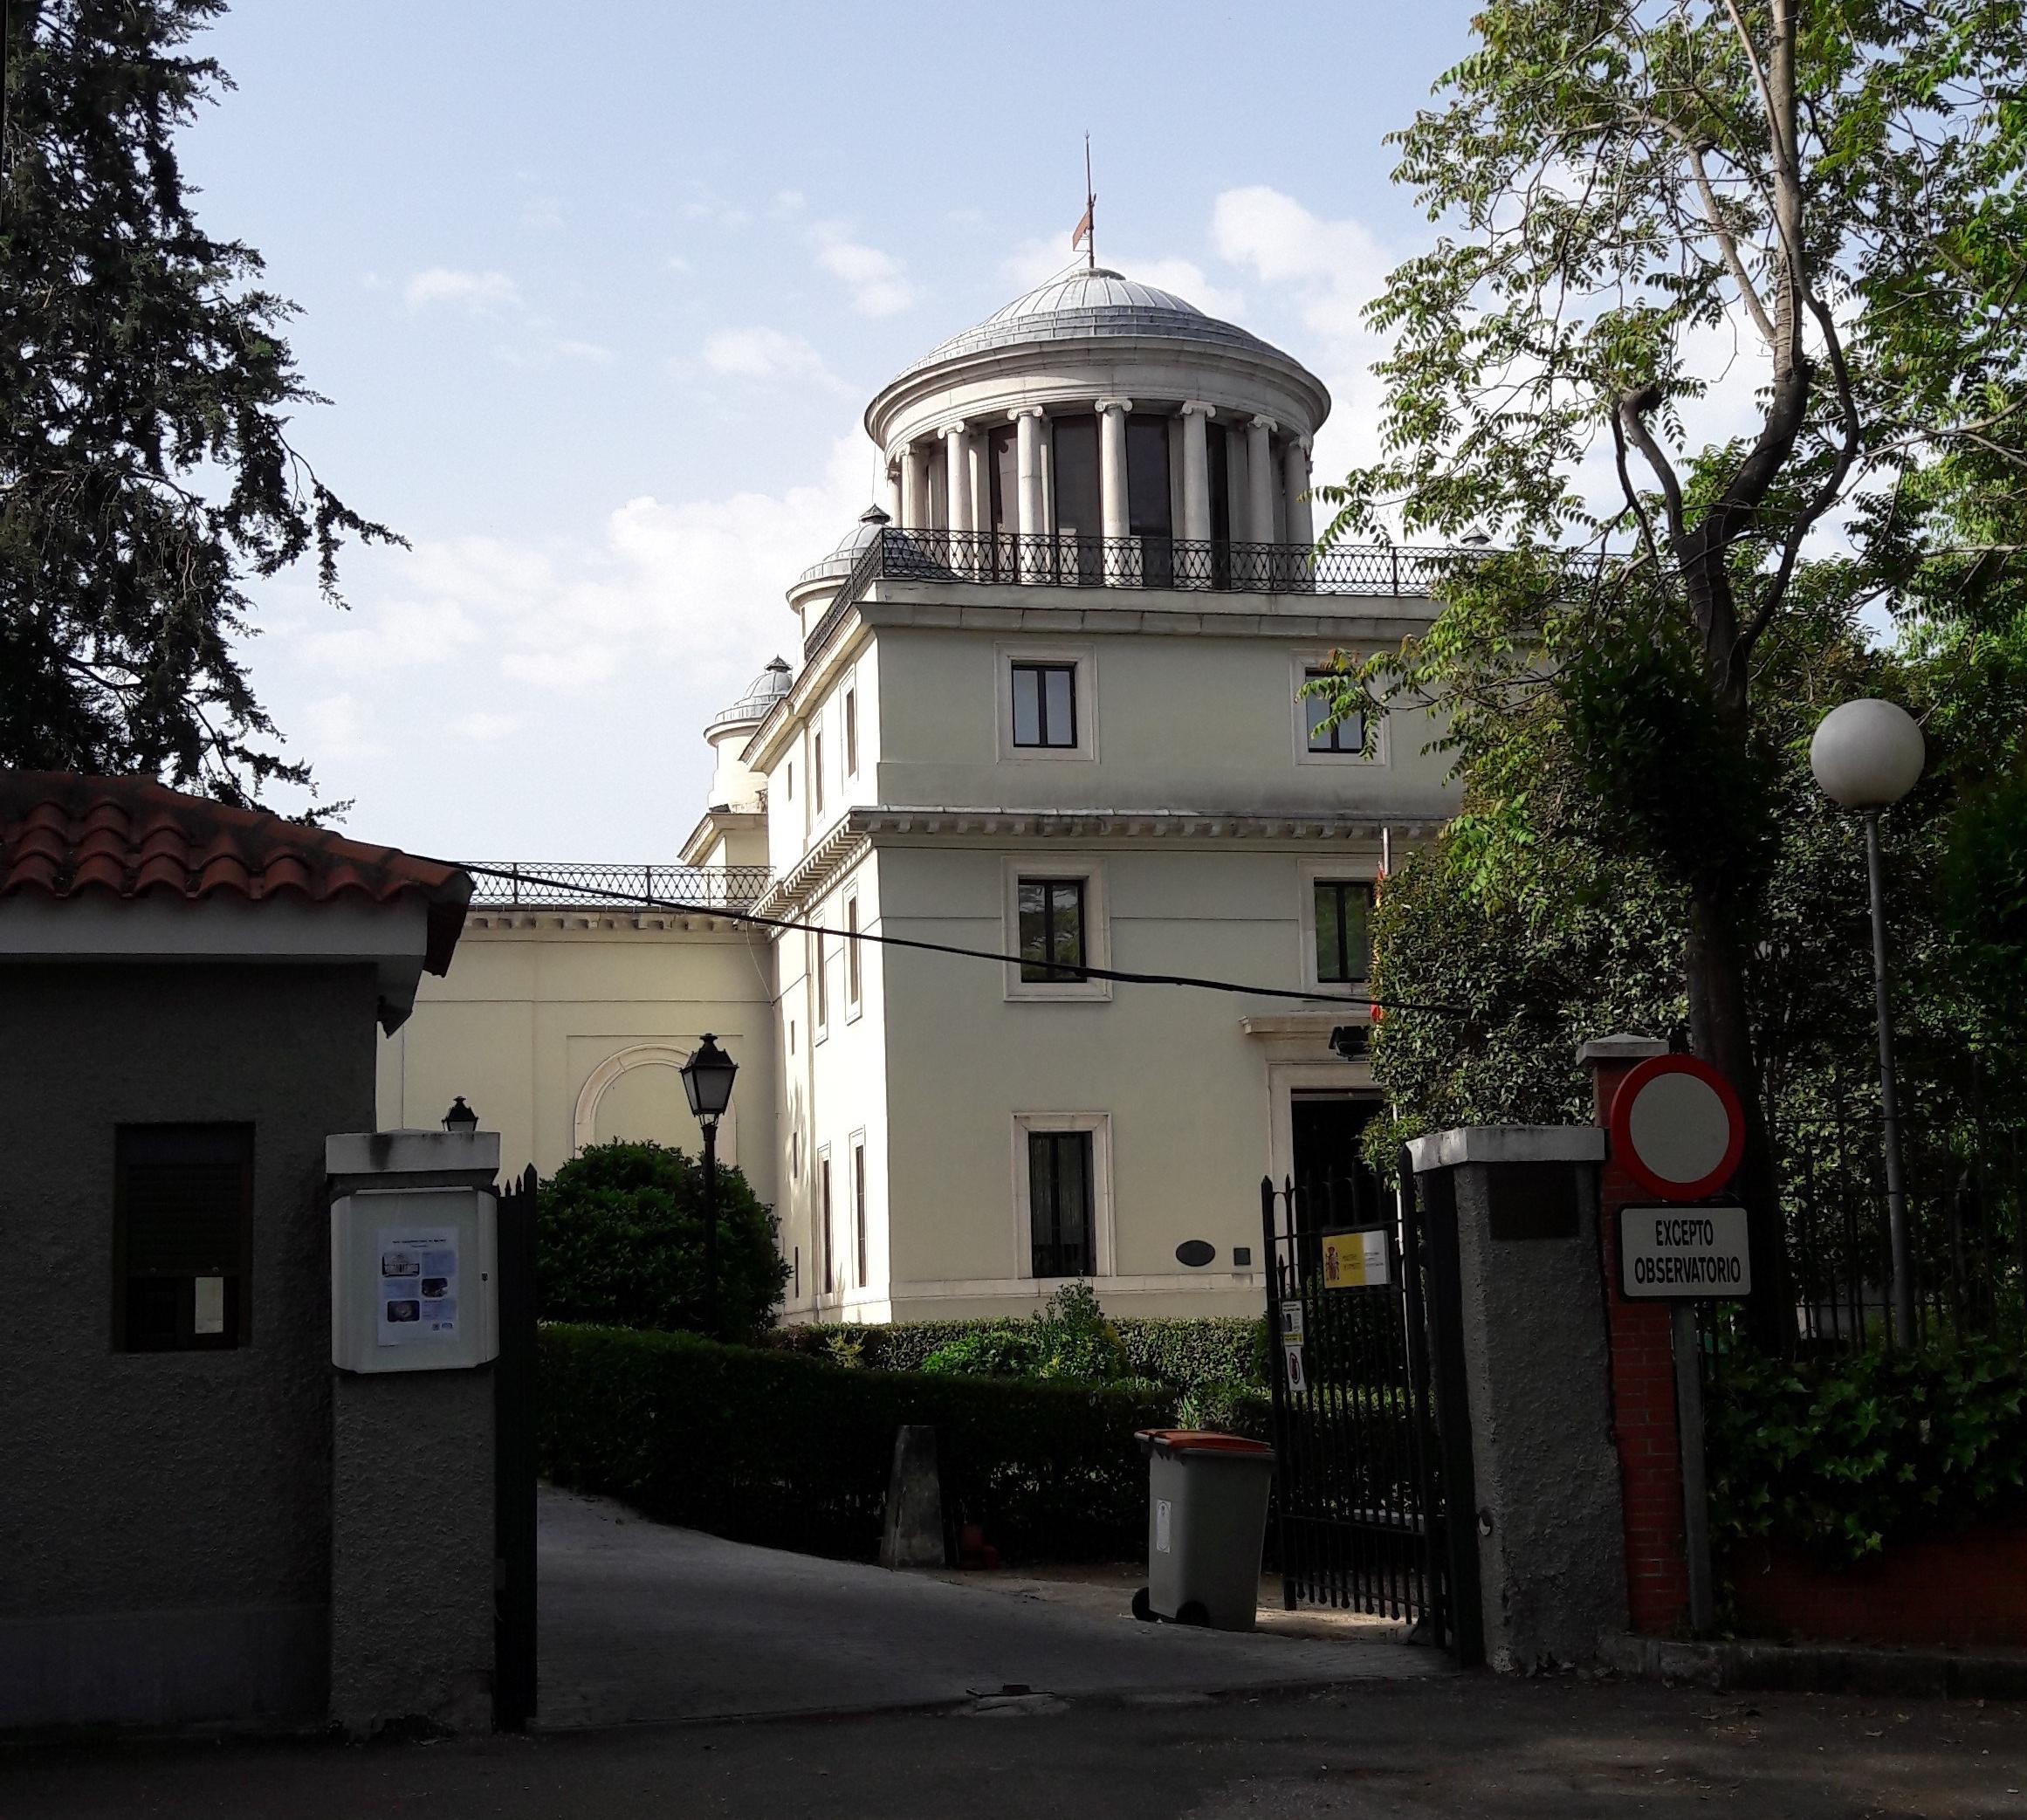 mad-observatorio-astronomico-cupole-apr17